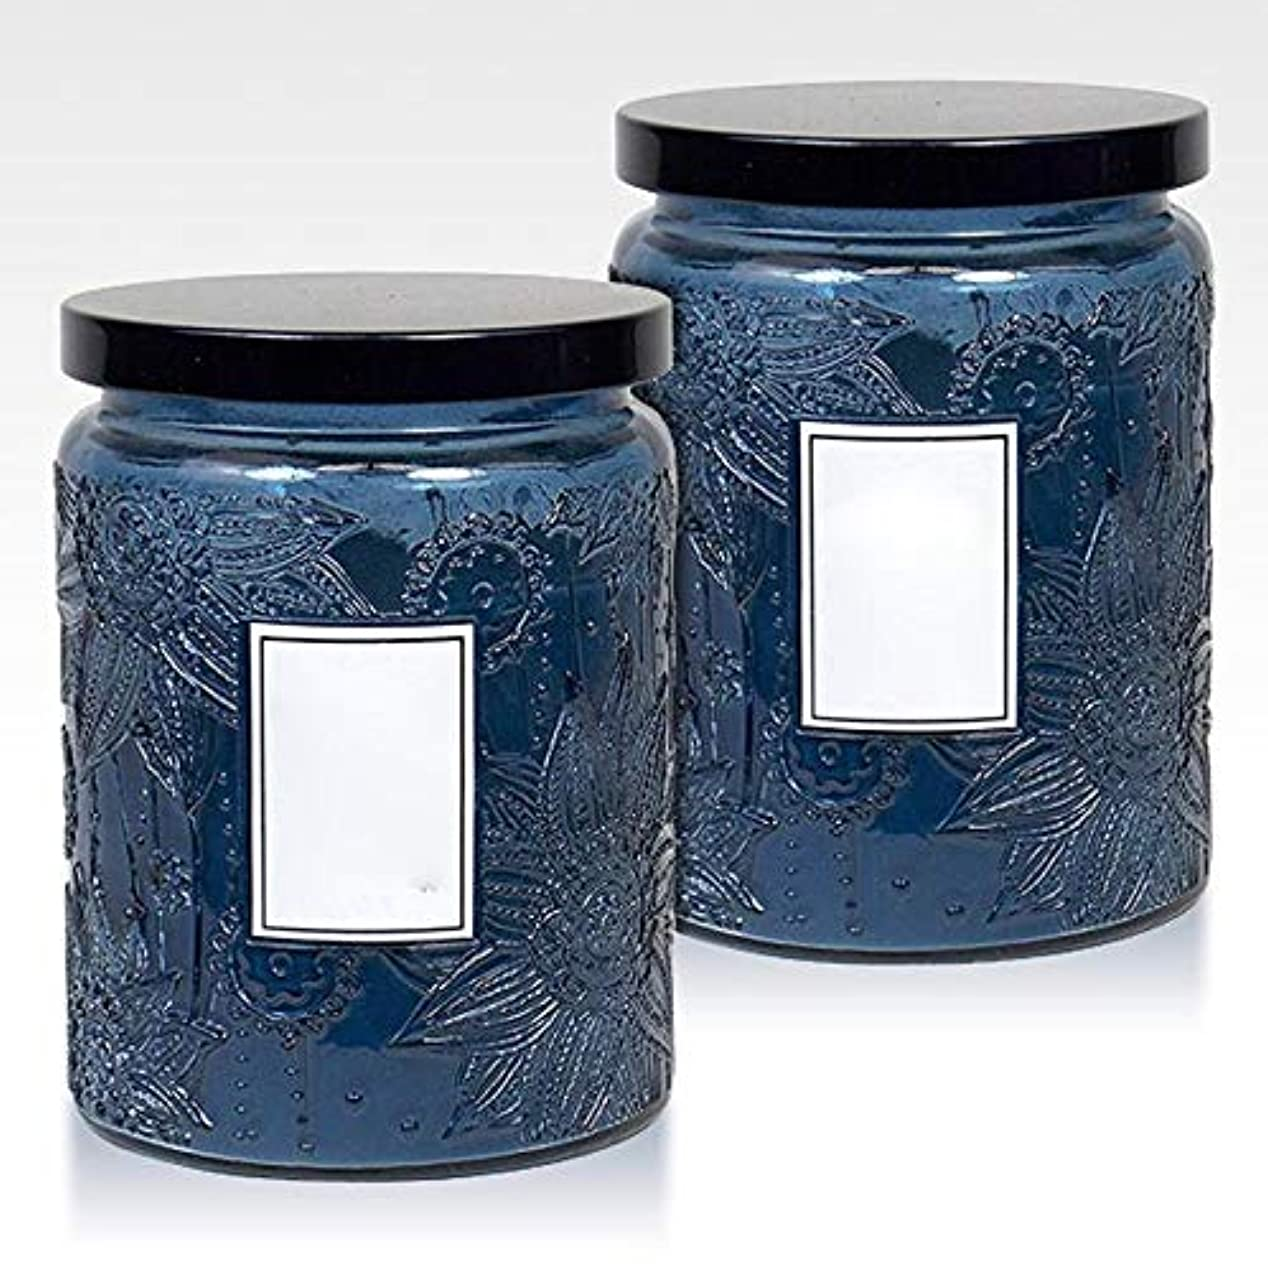 エンティティコミットメントスラム16Oz大きい缶2つの中心の香料入りの蝋燭の環境に優しい植物の精油の大豆のワックスの無煙蝋燭セット(5箱)